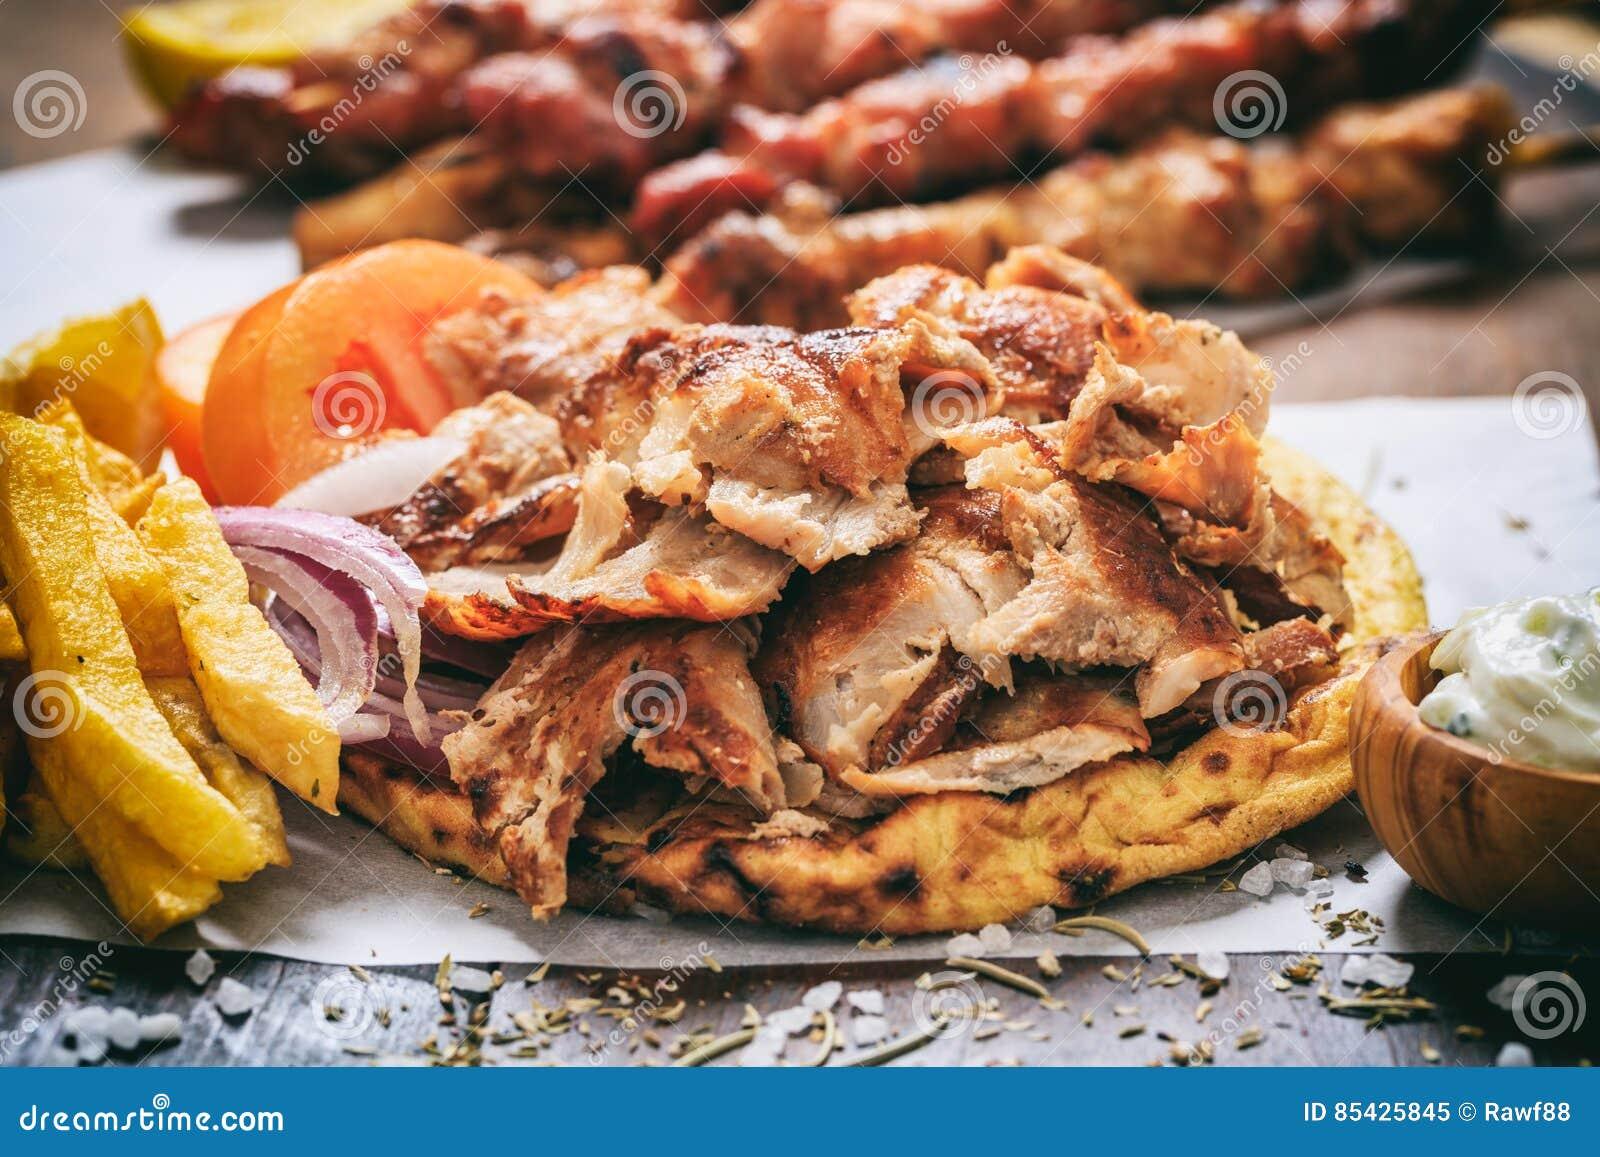 Ελληνικά γυροσκόπια σε ένα ψωμί pita